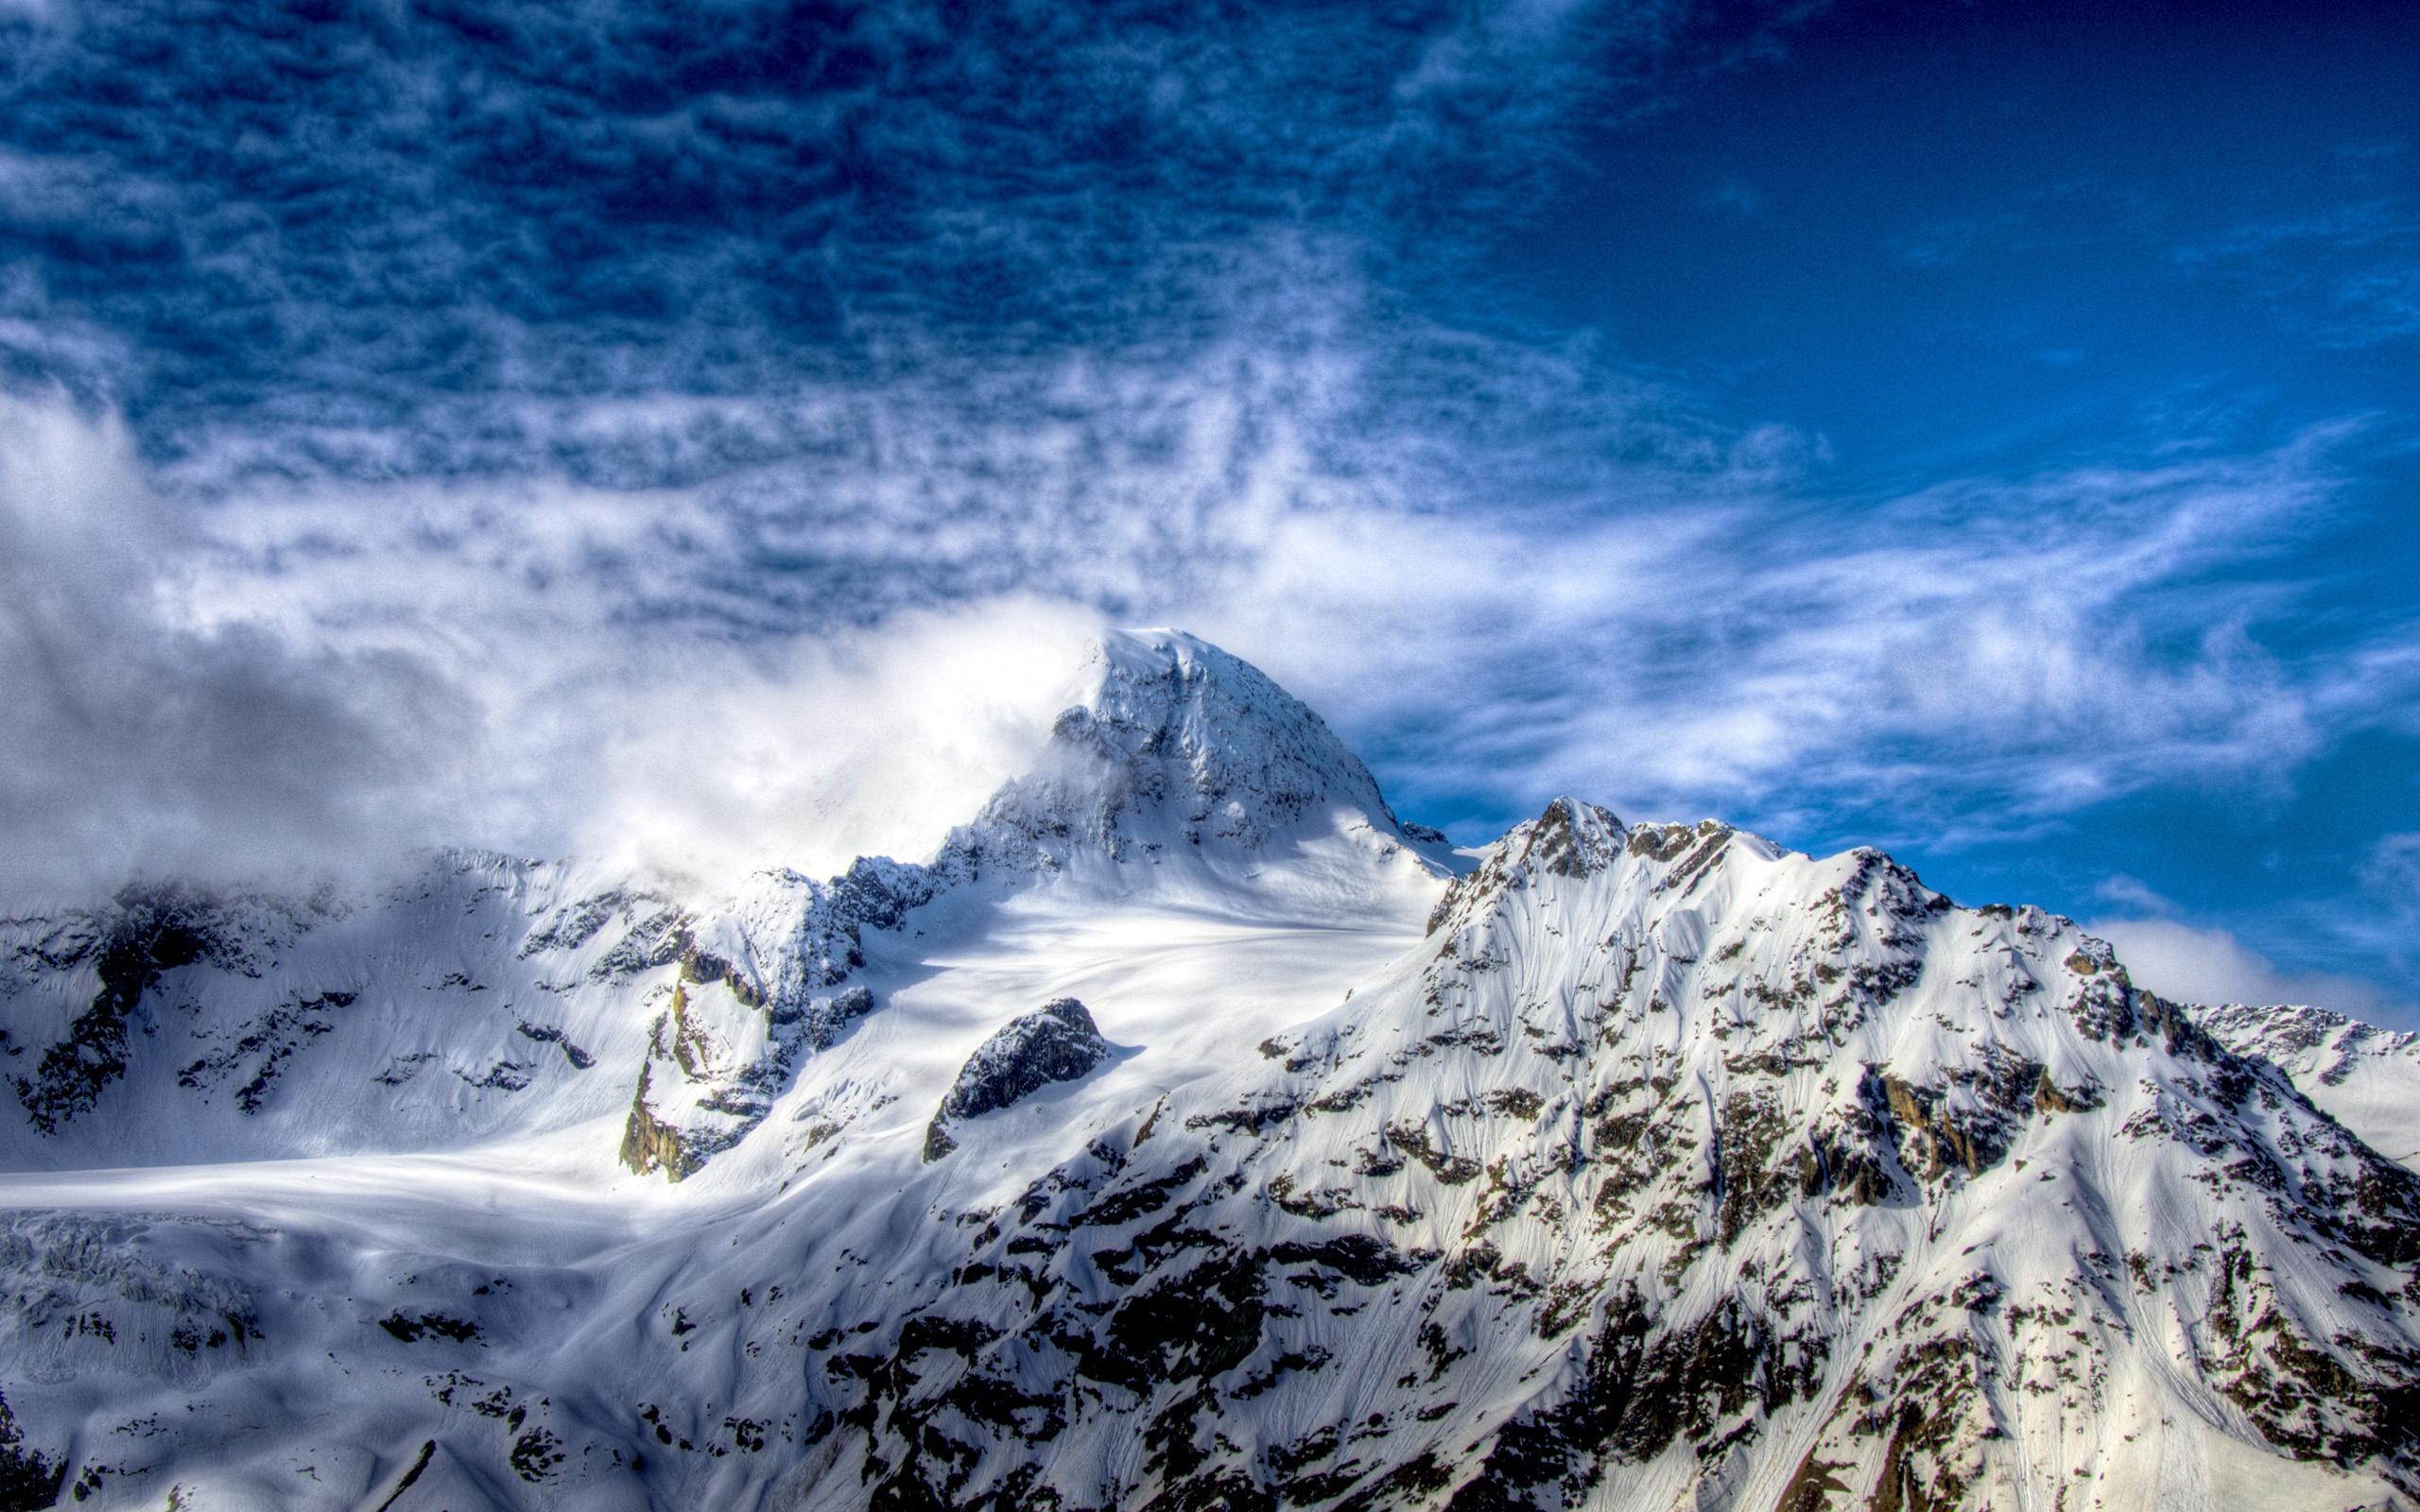 Schöne schneebedeckte Berge Hintergrundbilder   2560x1600 ... Snow